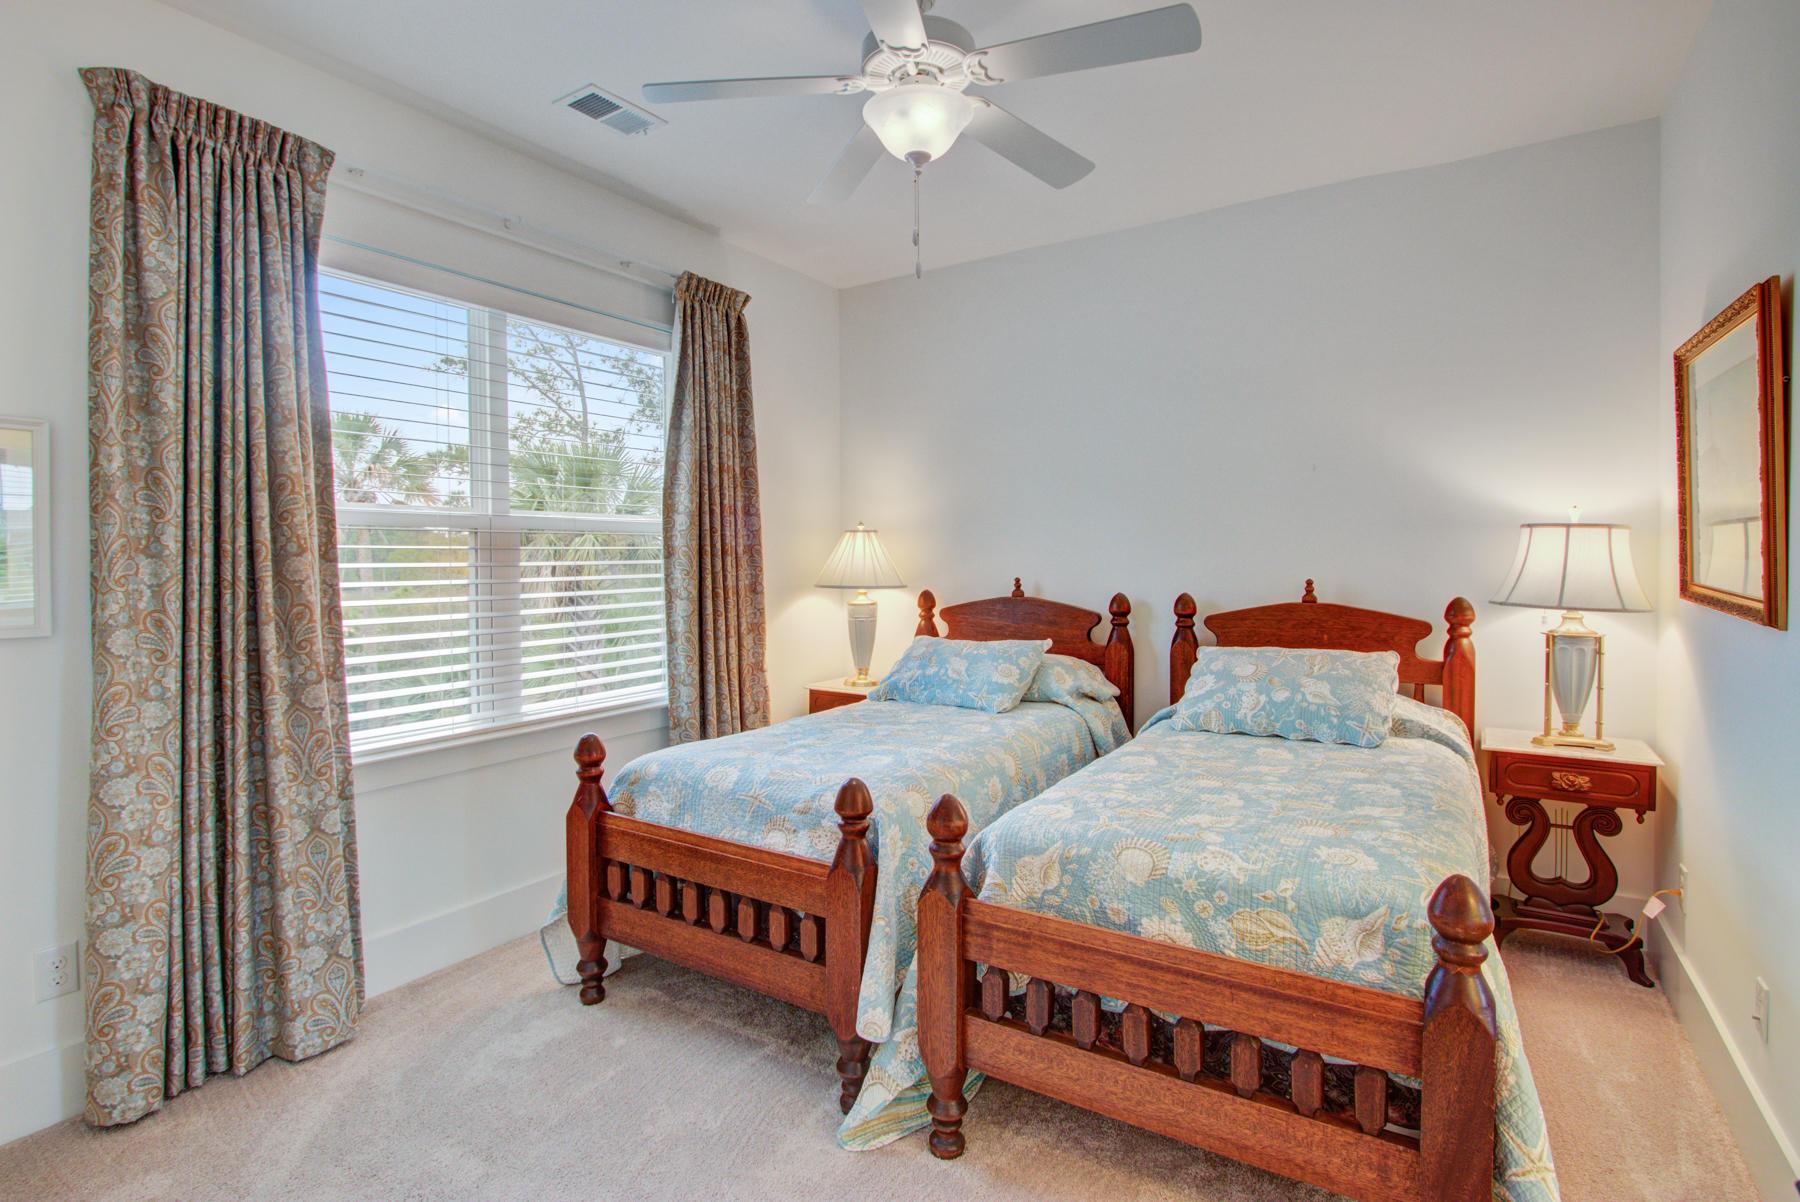 Dunes West Homes For Sale - 2984 Yachtsman, Mount Pleasant, SC - 0